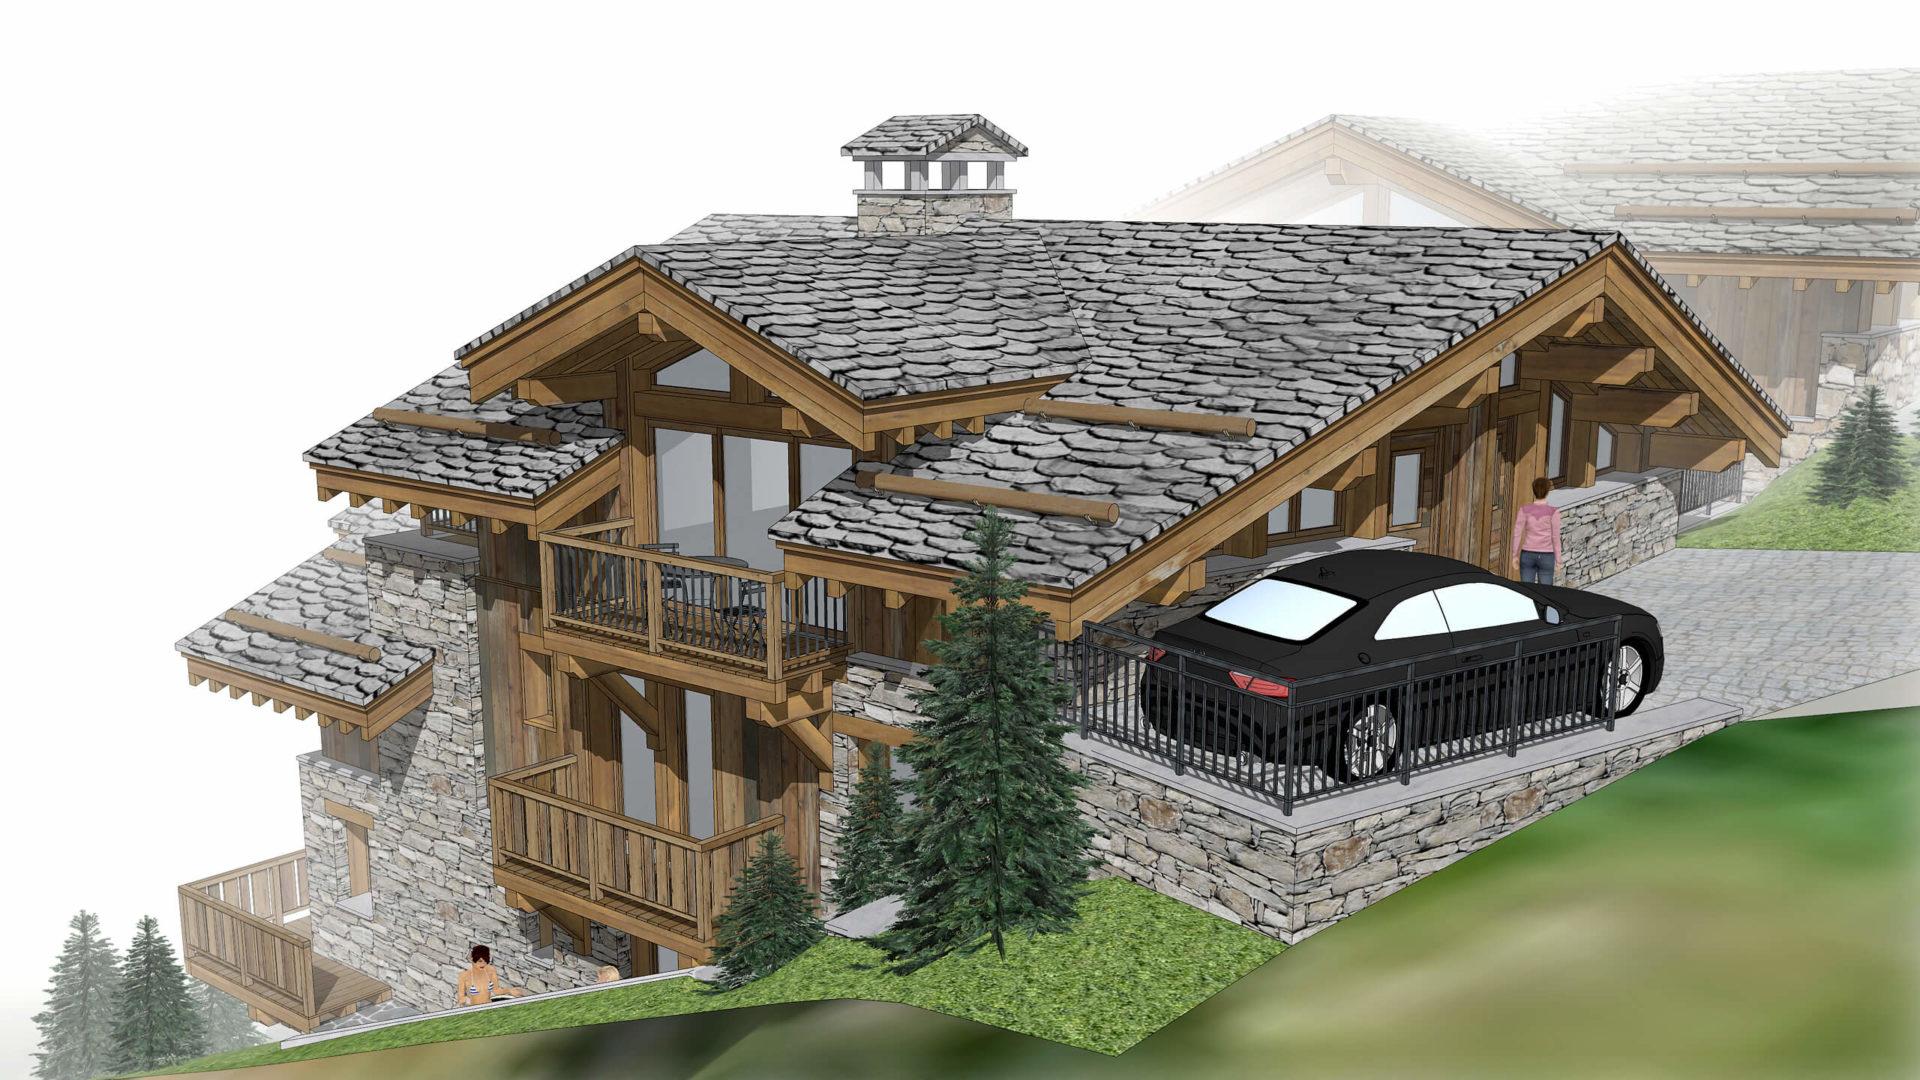 Les Chalets de la Combe Chalet 1 - Saint Martin de Belleville Savoie France